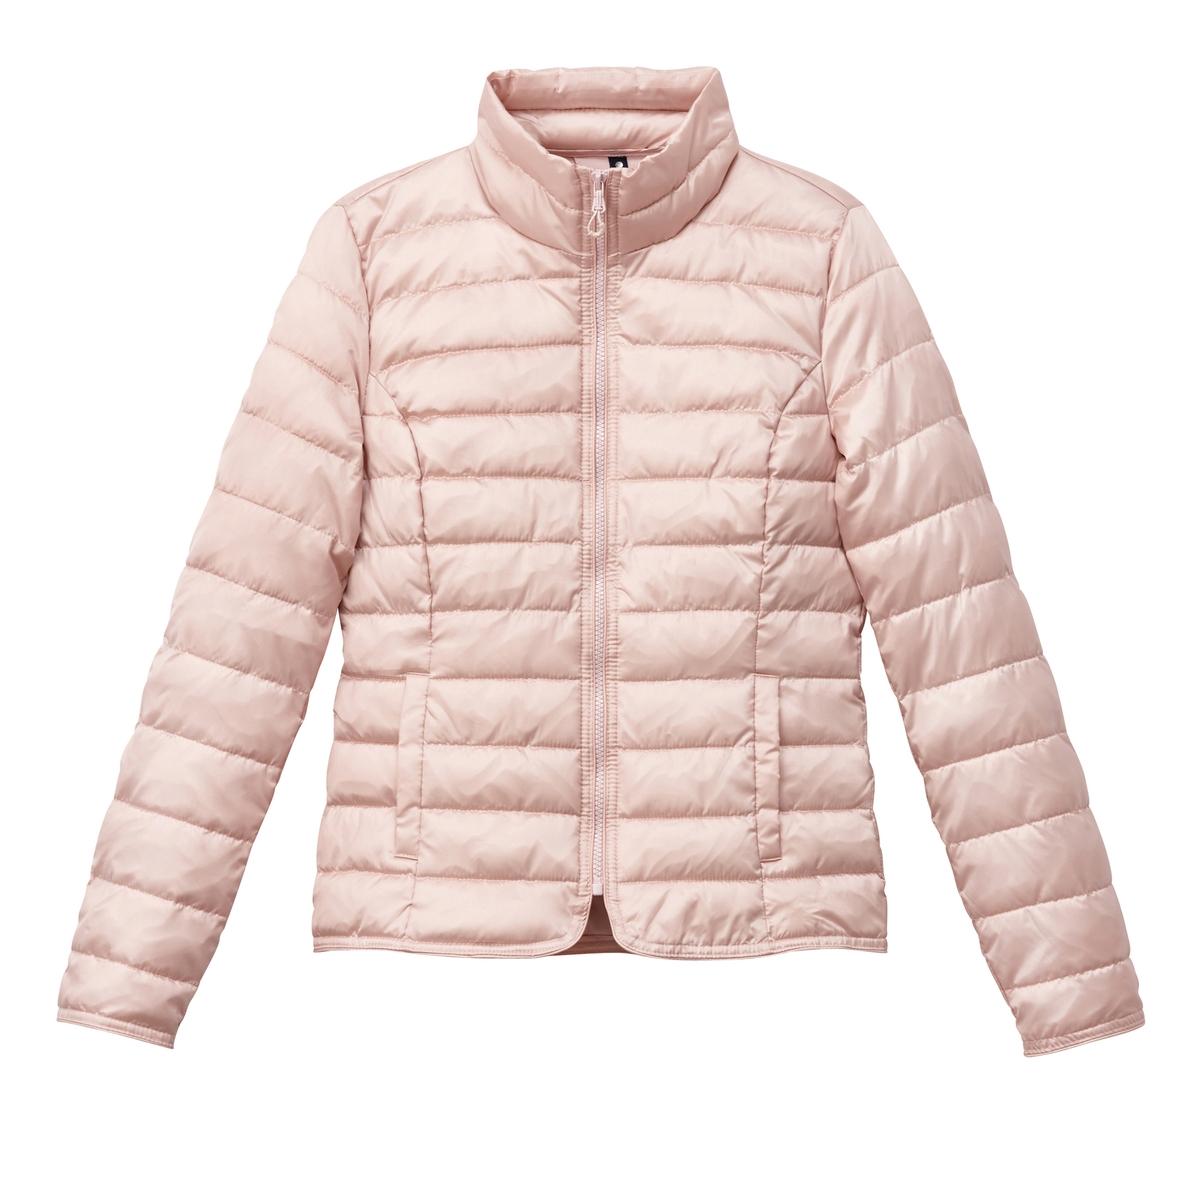 Куртка стеганаяОписание:Детали •  Длина  : укороченная   •  Воротник-стойка •  Застежка на молниюСостав и уход •  100% полиамид •  Следуйте рекомендациям по уходу, указанным на этикетке изделия<br><br>Цвет: бледно-розовый,серебристый<br>Размер: XS.M.M.S.S.L.L.XS